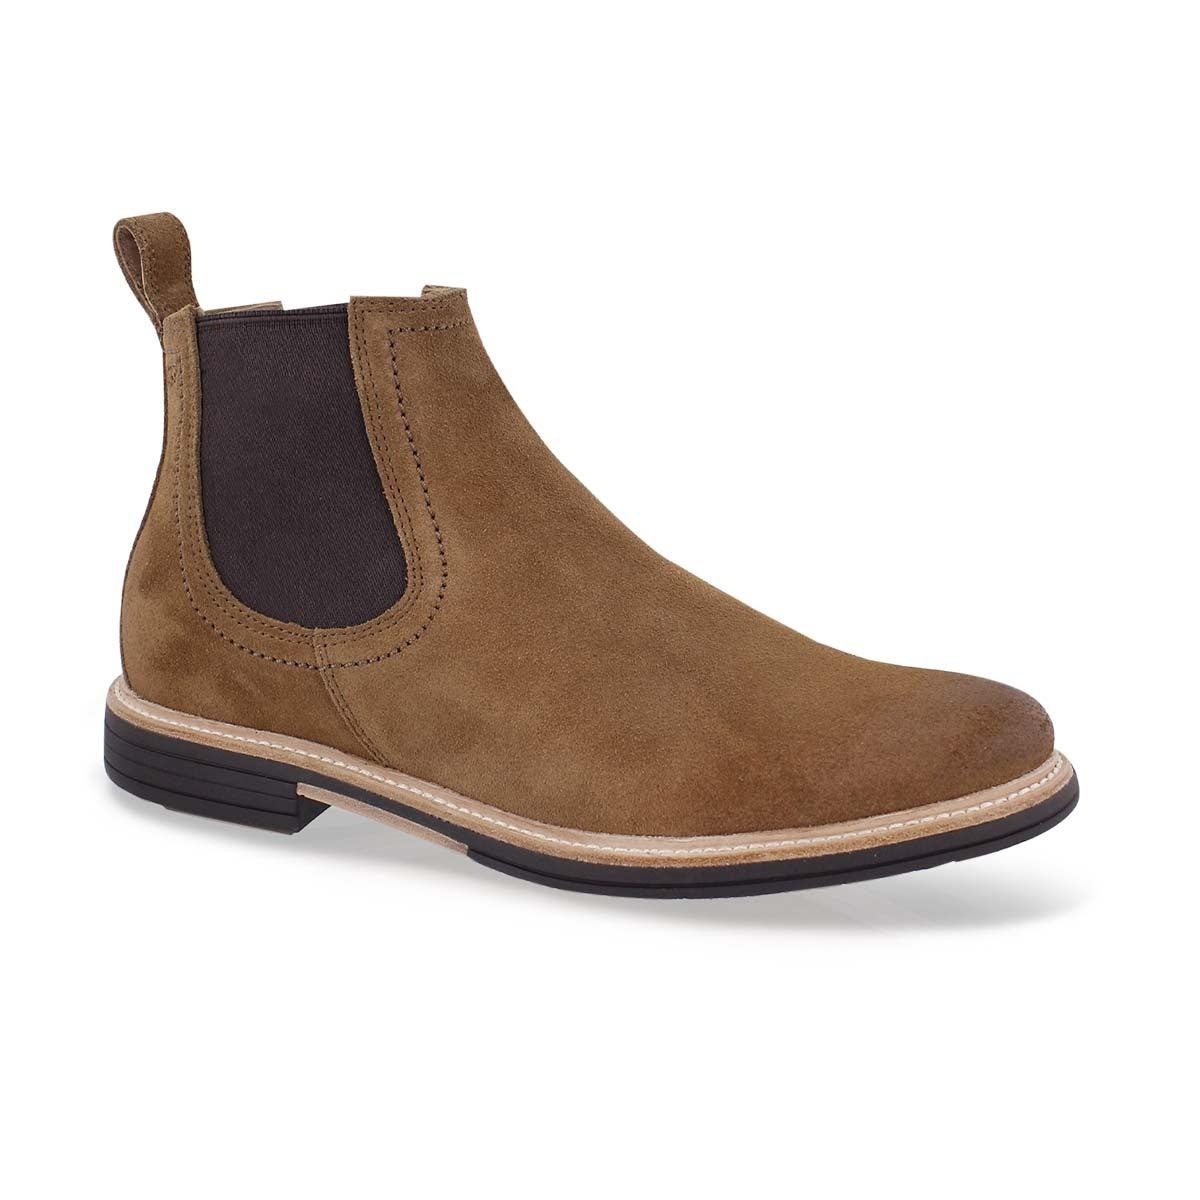 Men's BALDVIN chestnut double gore chelsea boots